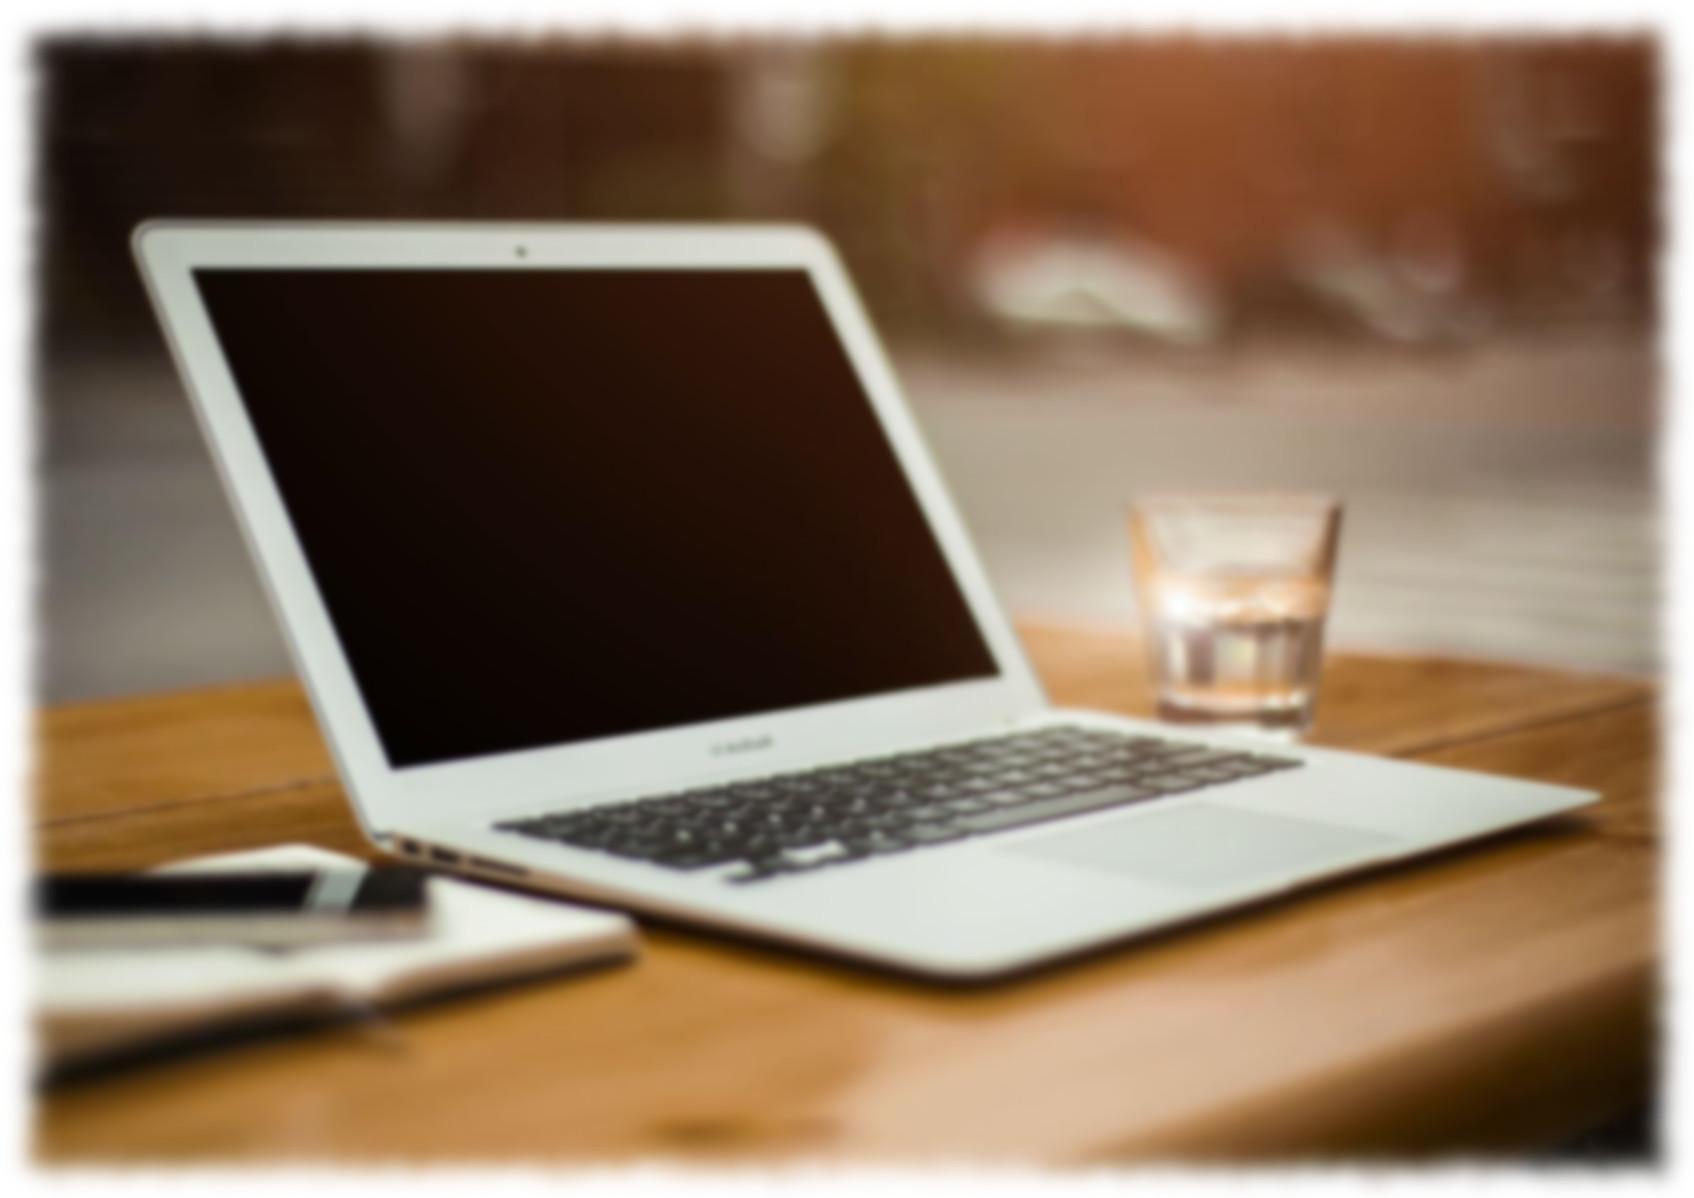 パソコンとコップ